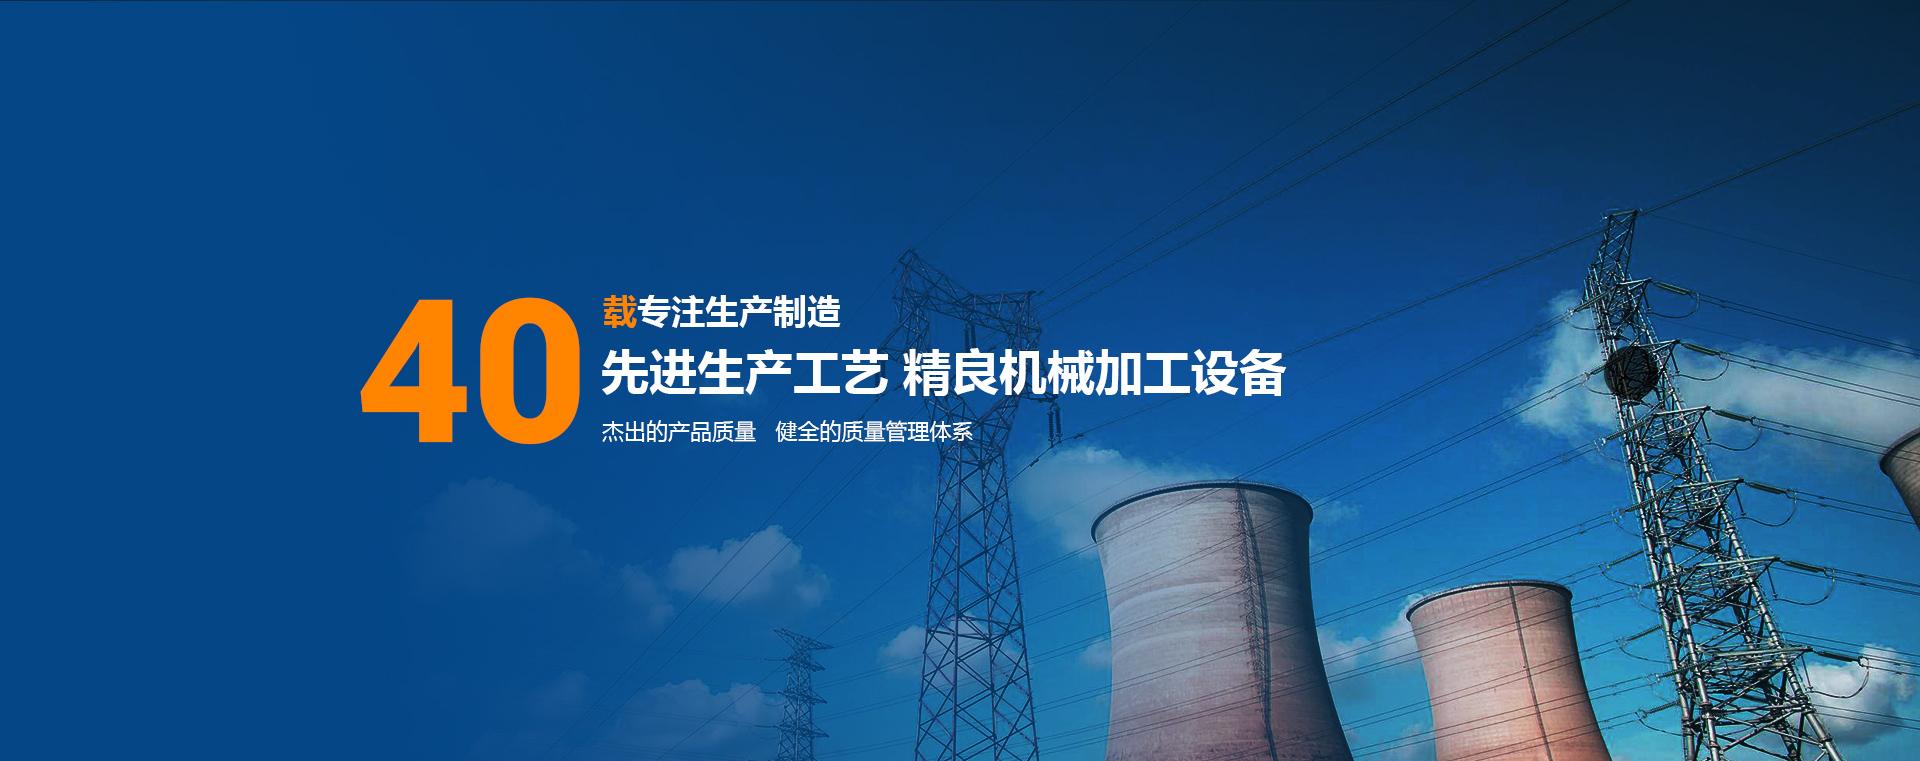 牡丹江电动推杆,哈尔滨电动推杆,黑龙江电动推杆